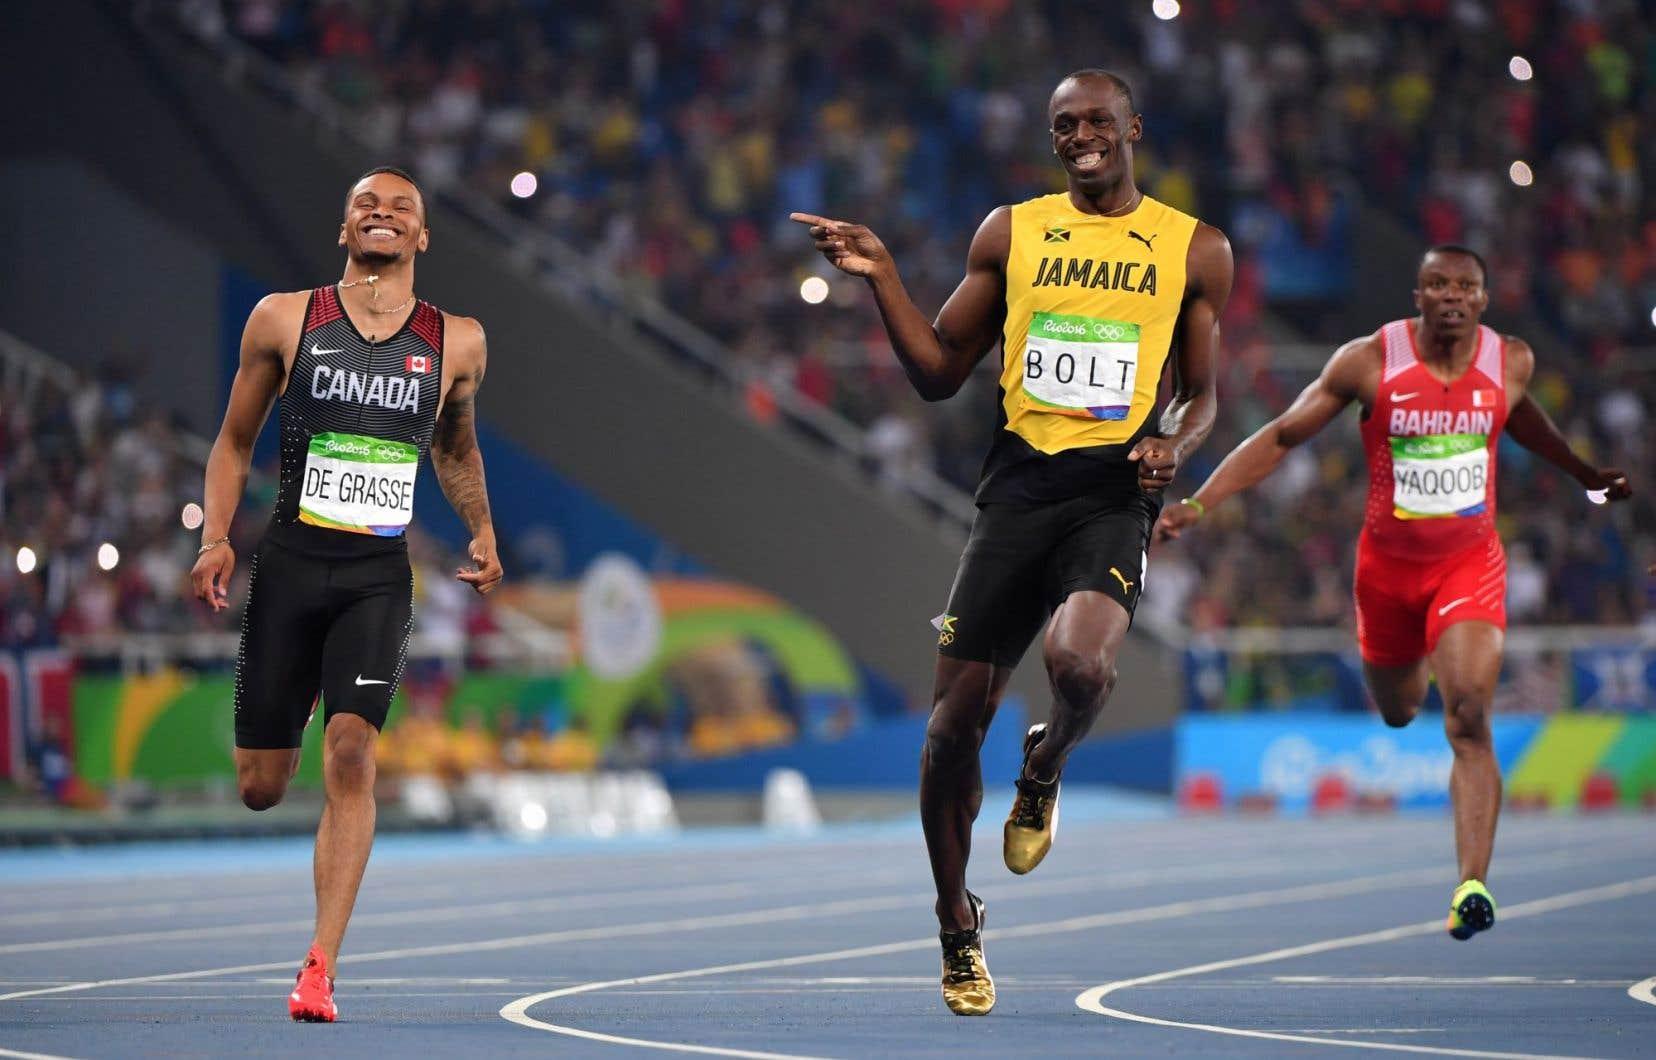 Andre De Grasse et Usain Bolt se sont échangé des plaisanteries pendant la course.